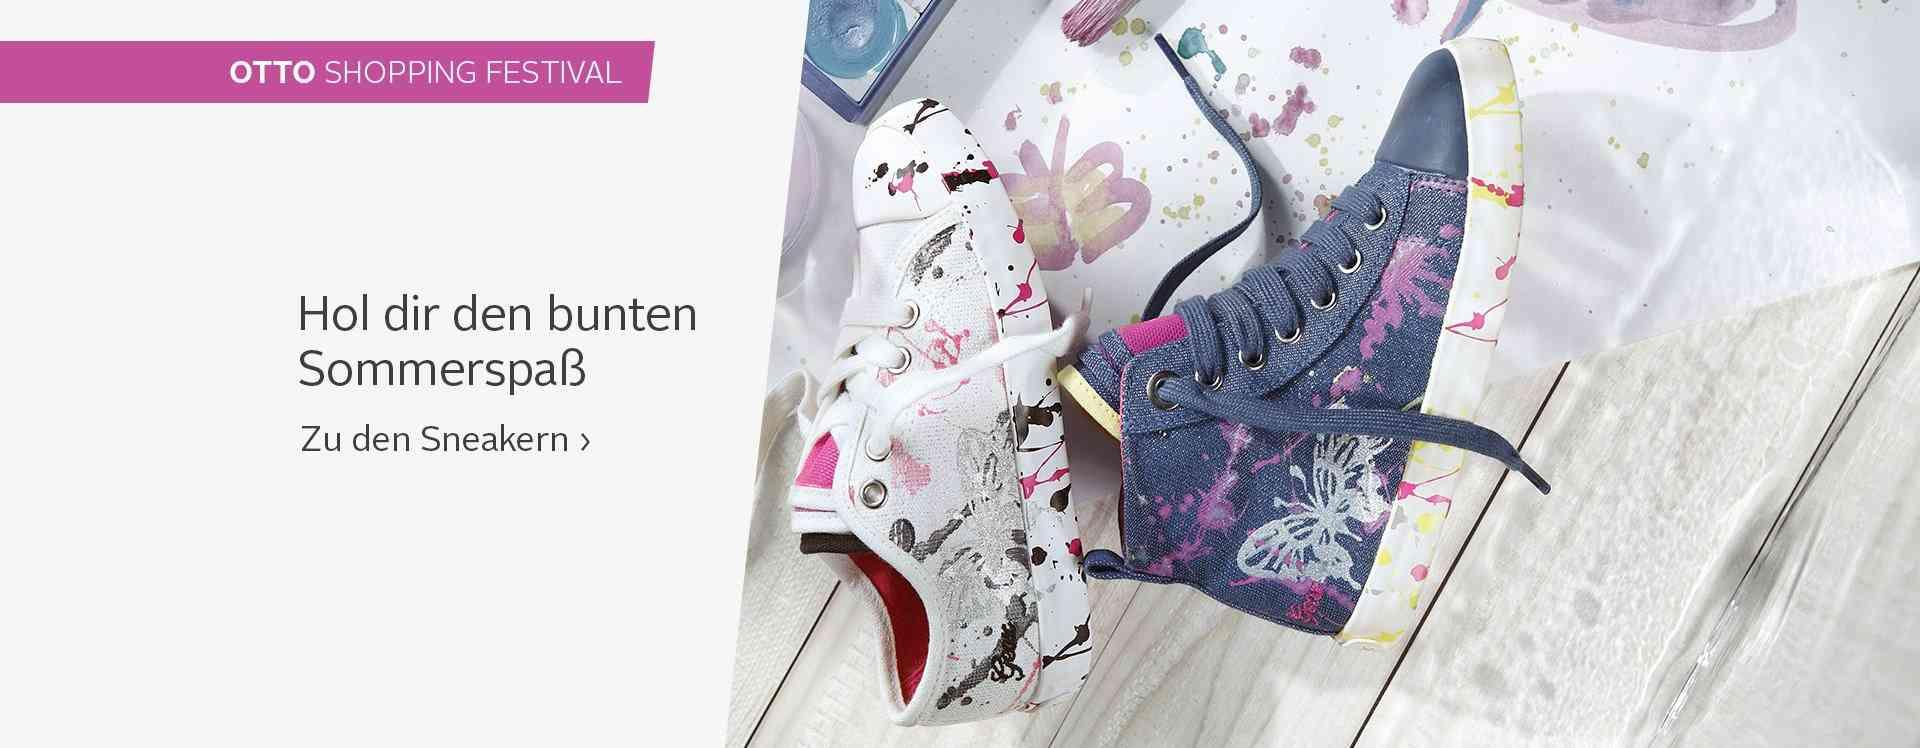 Mädchen Sneaker - der Dauertrend! Von klassisch bis kultig, die Allround-Talente machen den lässigen Look perfekt.